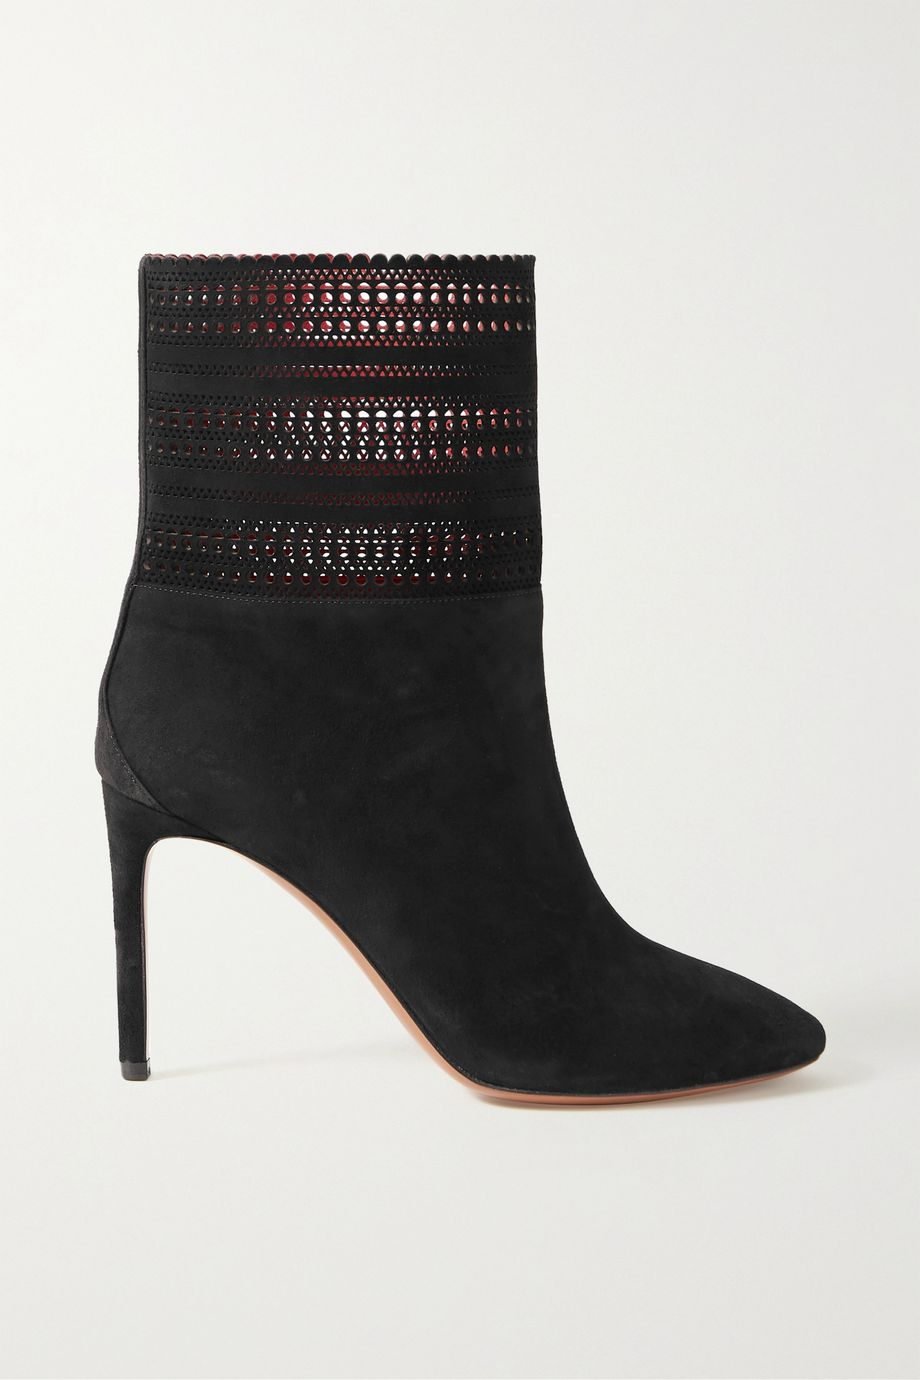 Alaïa 90 laser-cut suede ankle boots